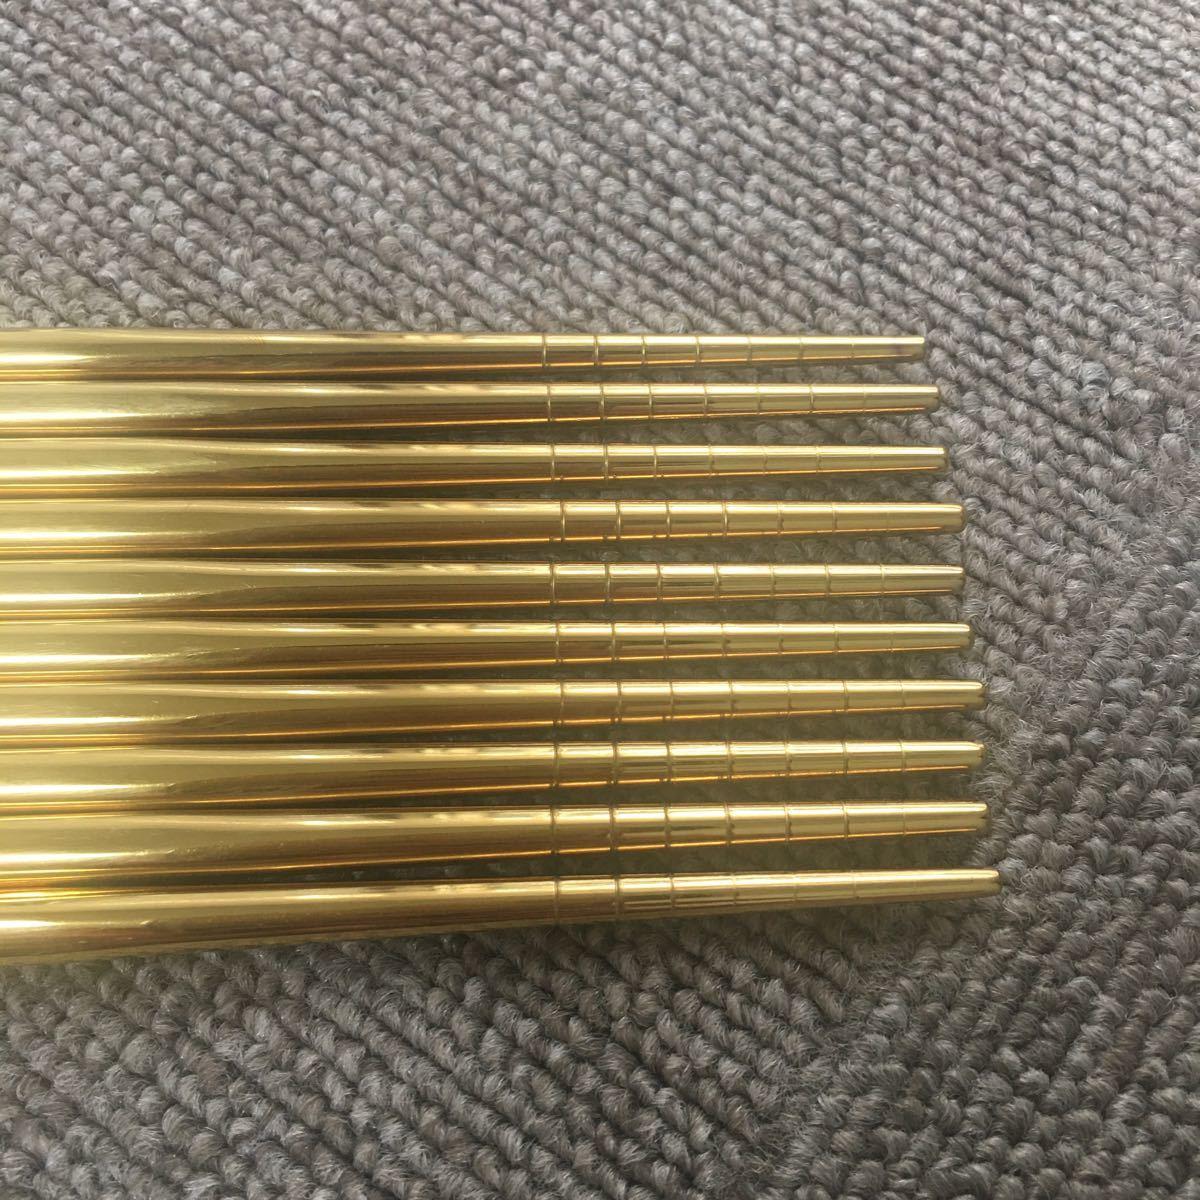 箸 ゴールドはし オシャレなカトラリーセット!北欧風 スプーン フォーク ナイフ クチポール風 箸 ステンレス ゴールド シルバー